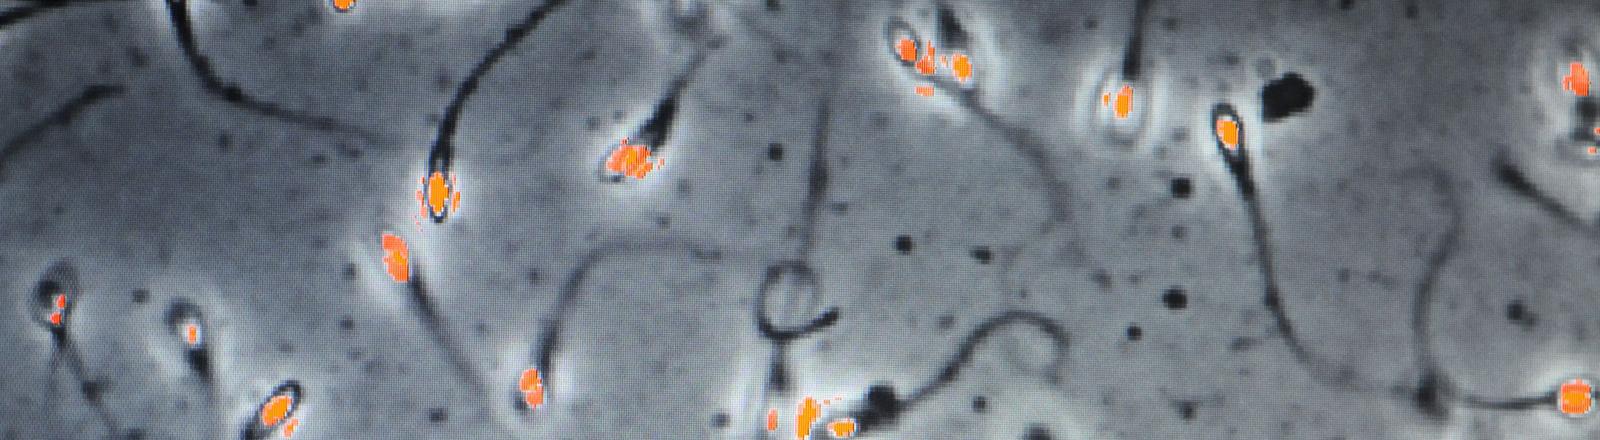 Spermien unter dem Mikroskop